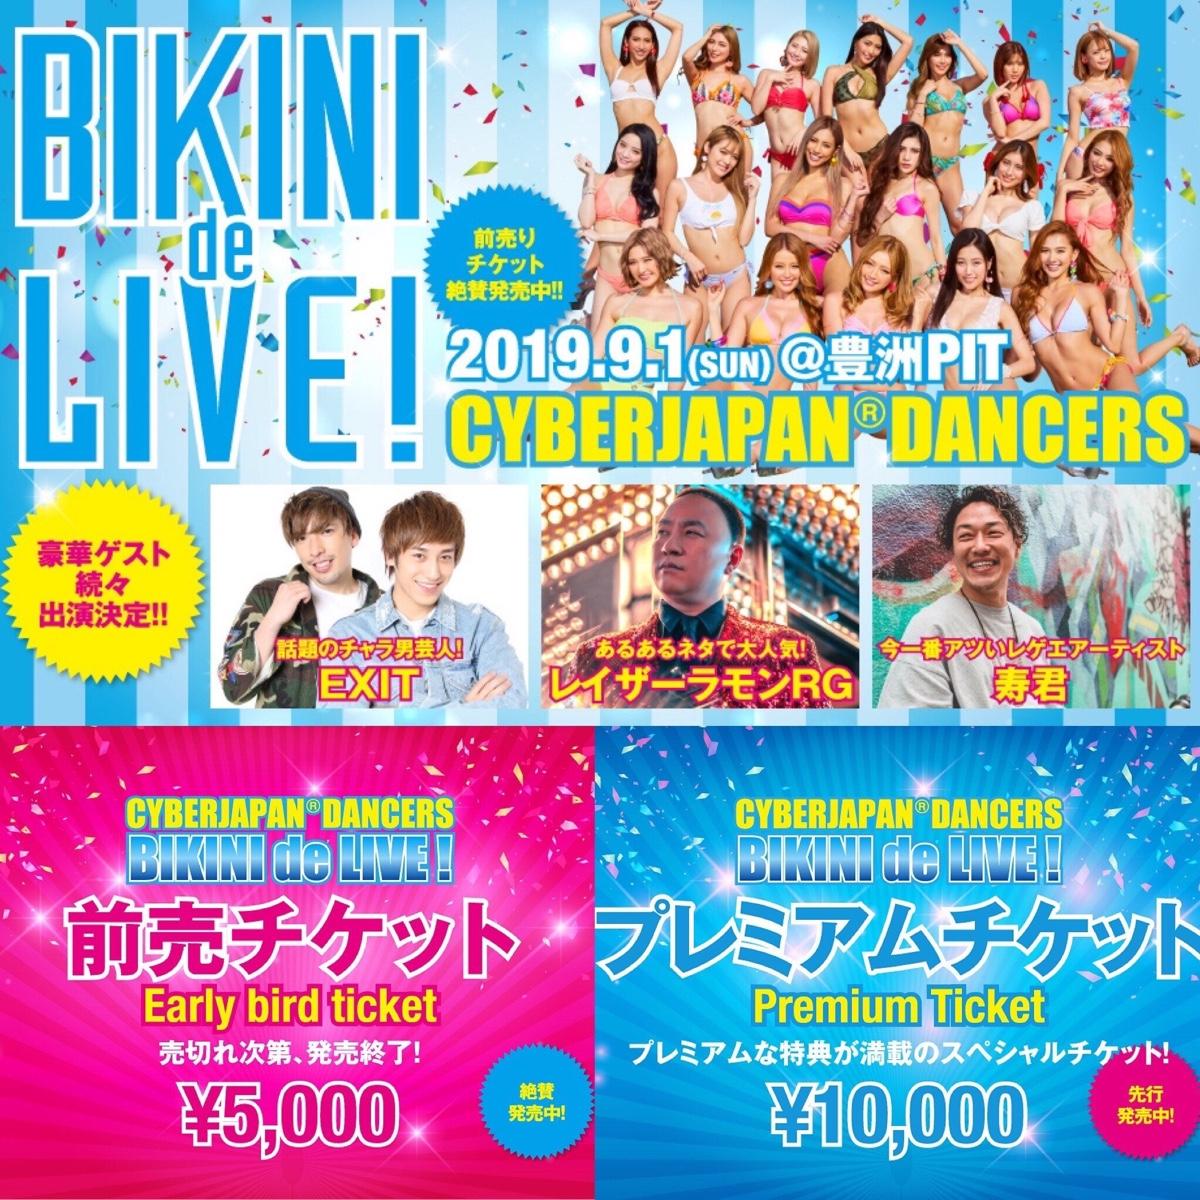 2019最強夏季活動 Bikini de Live 2019.09.01 by CYBERJAPAN DANCERS @豐洲 PIT 比基尼辣妹舞者